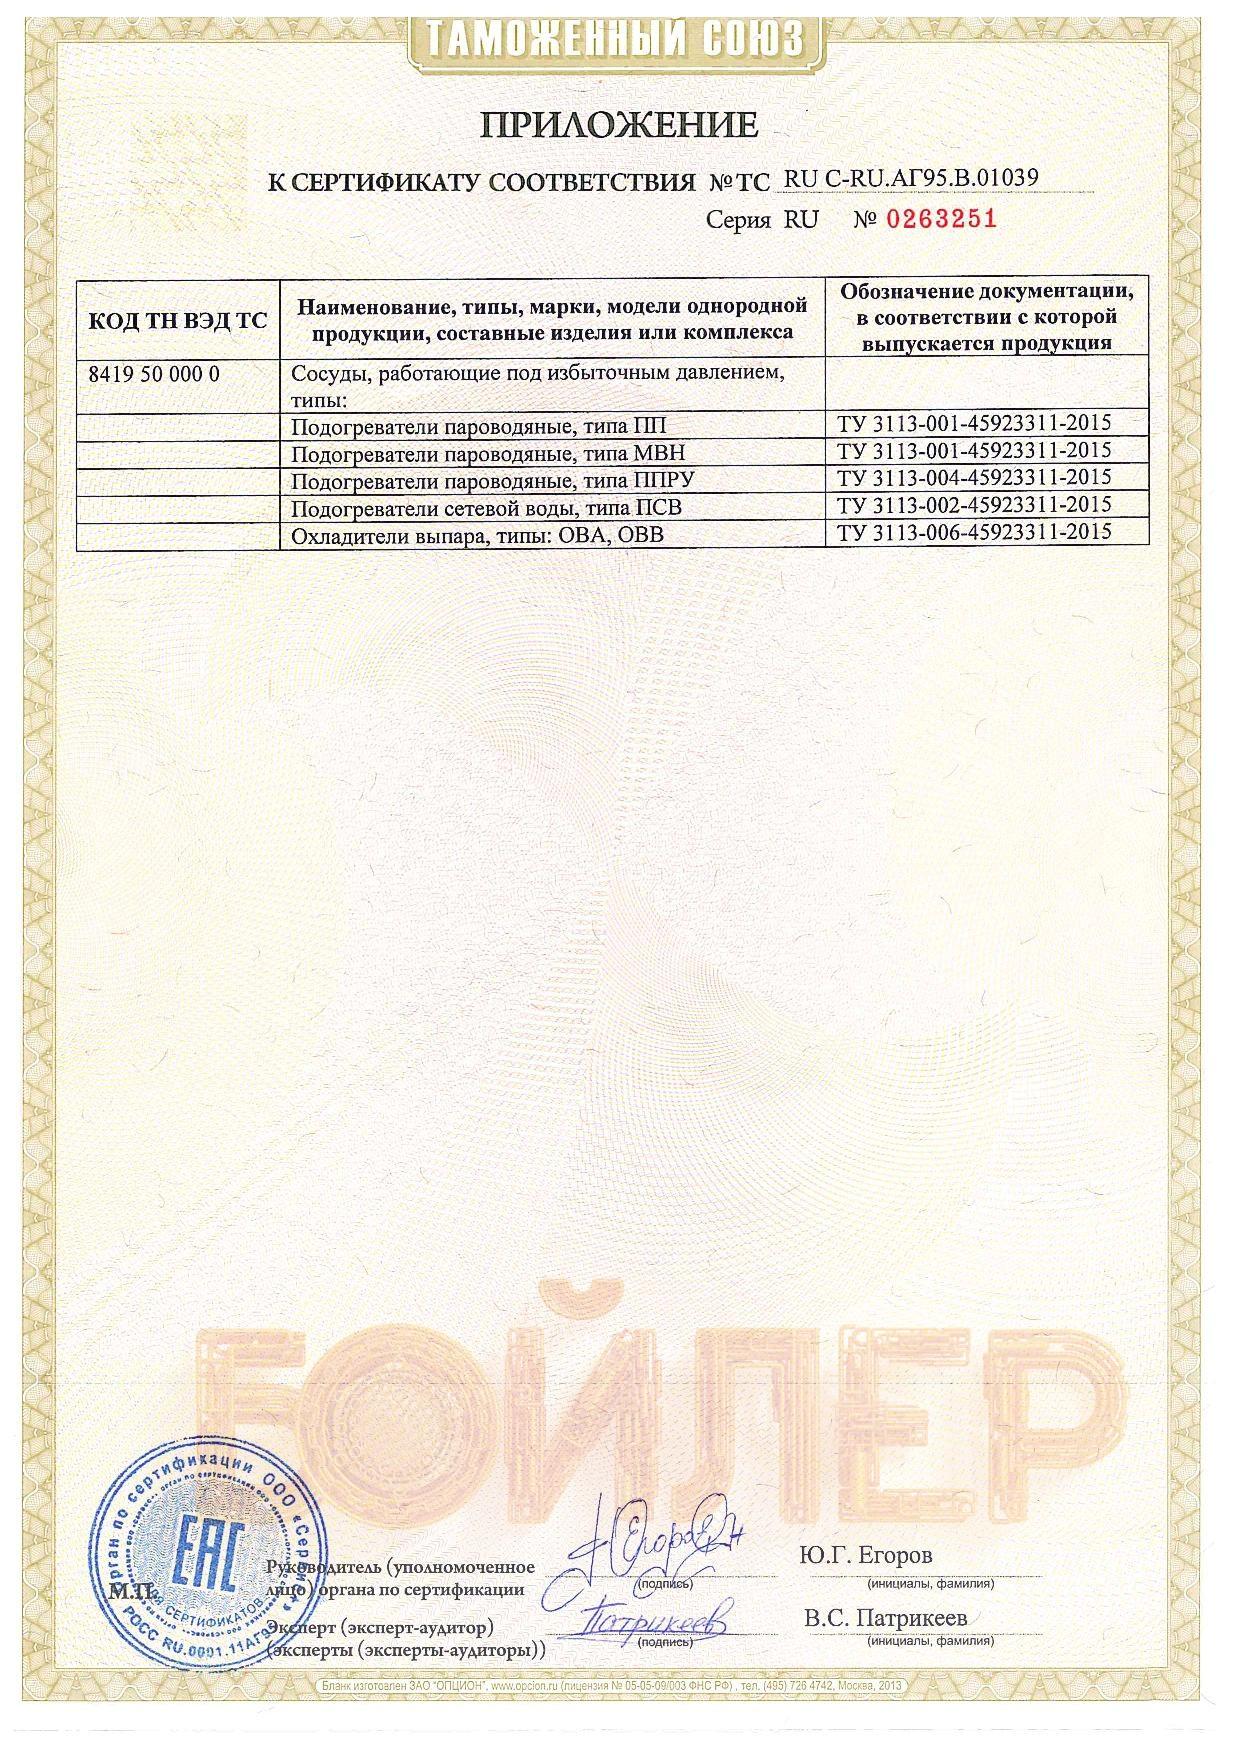 Пароводяной подогреватель ПП 2-17-7-2 Пушкино Пластины теплообменника Funke ТПР 14-15 Тамбов